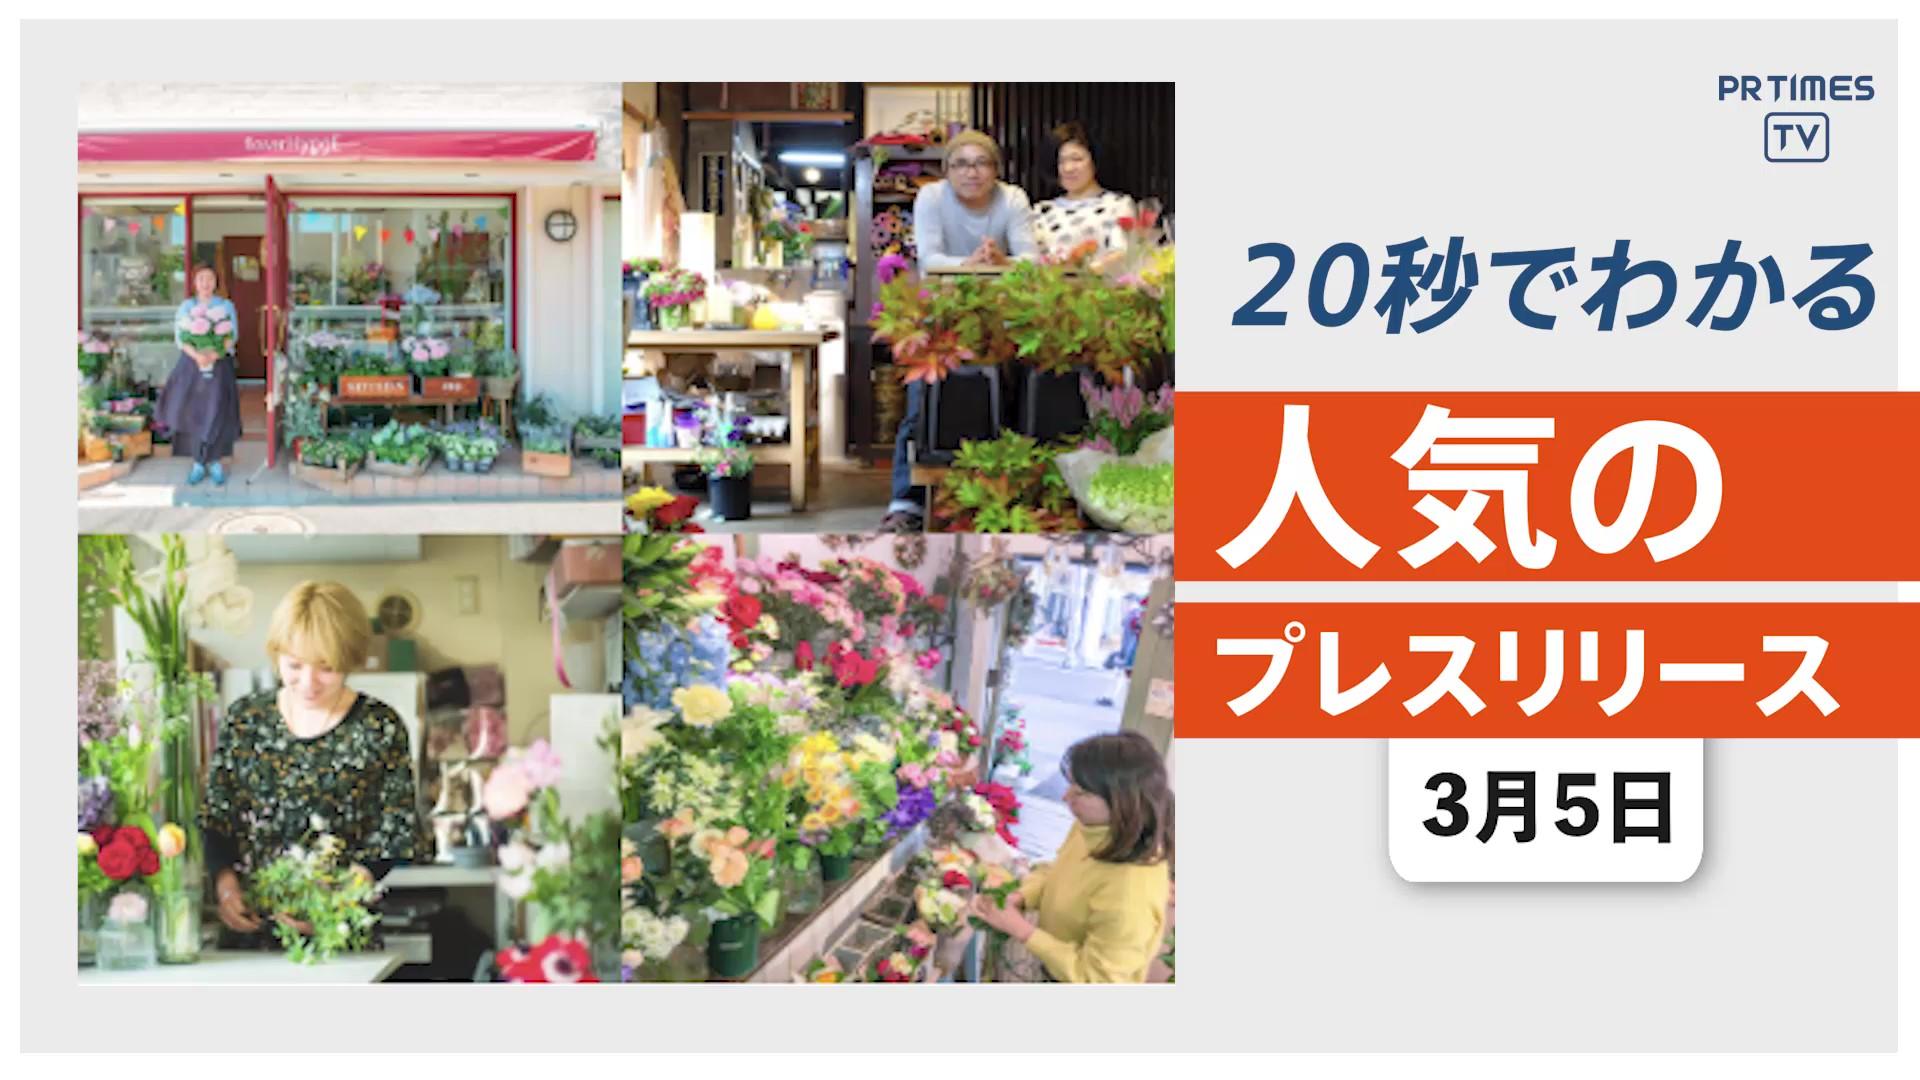 【「お花屋さんを応援!」1万本を買取り無料配布 お花の需要を喚起】他、新着トレンド3月5日